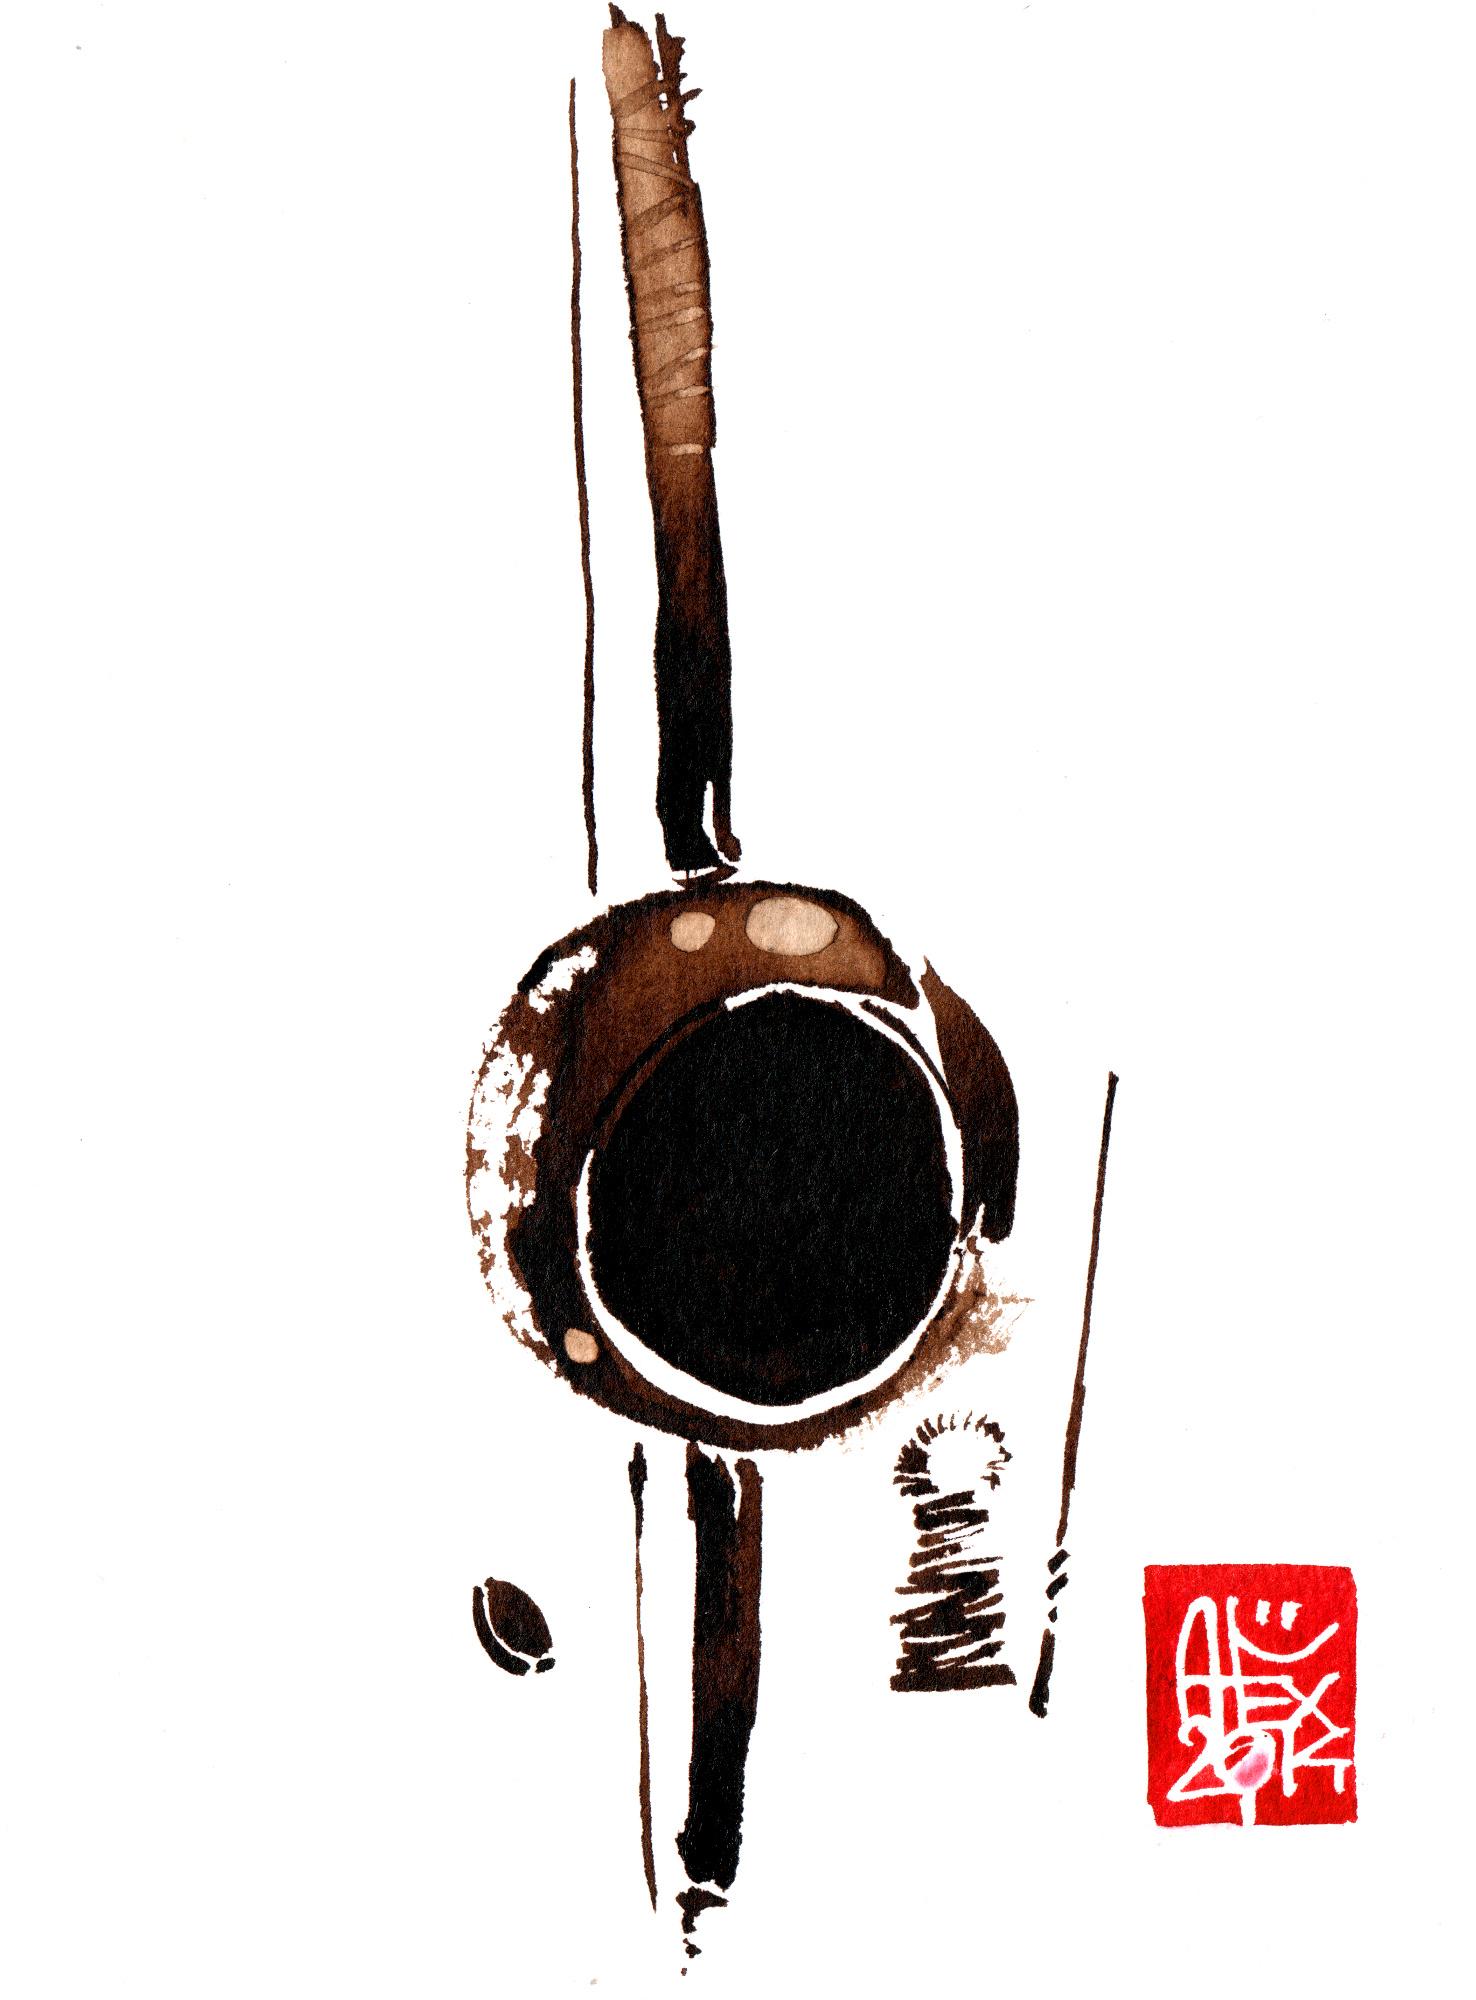 Illustration : Capoeira – 718 [ #capoeira #watercolor #illustration] aquarelle sur papier 325gr / watercolor on paper 325gr 12 x 16 cm / 4.7 x 6.30 in